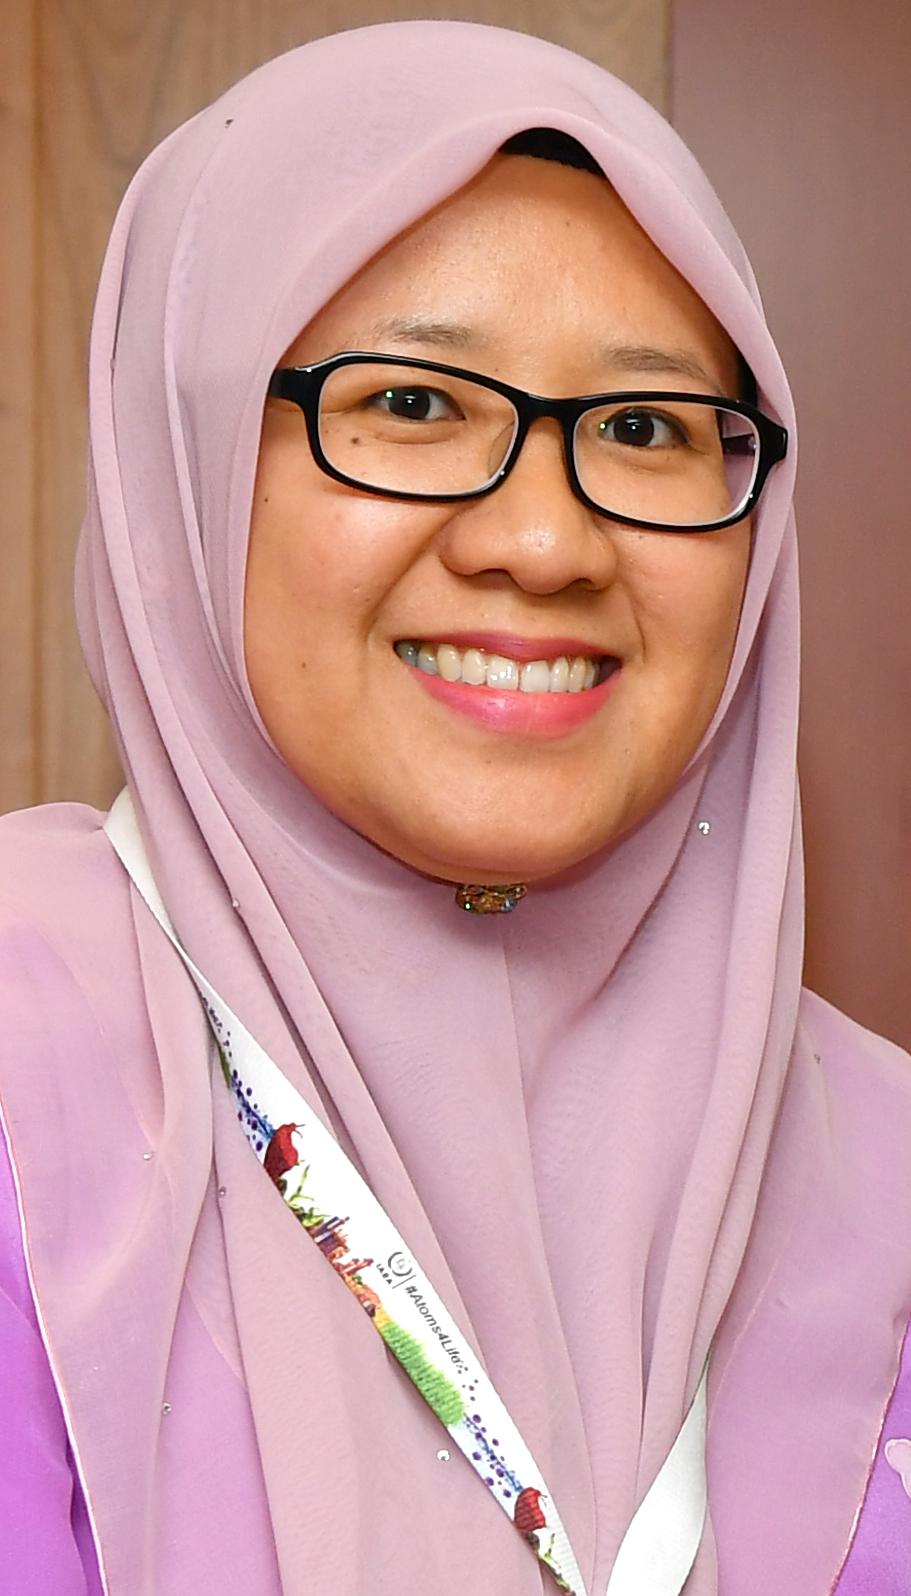 Isnaraissah Munirah Majilis - Wikipedia